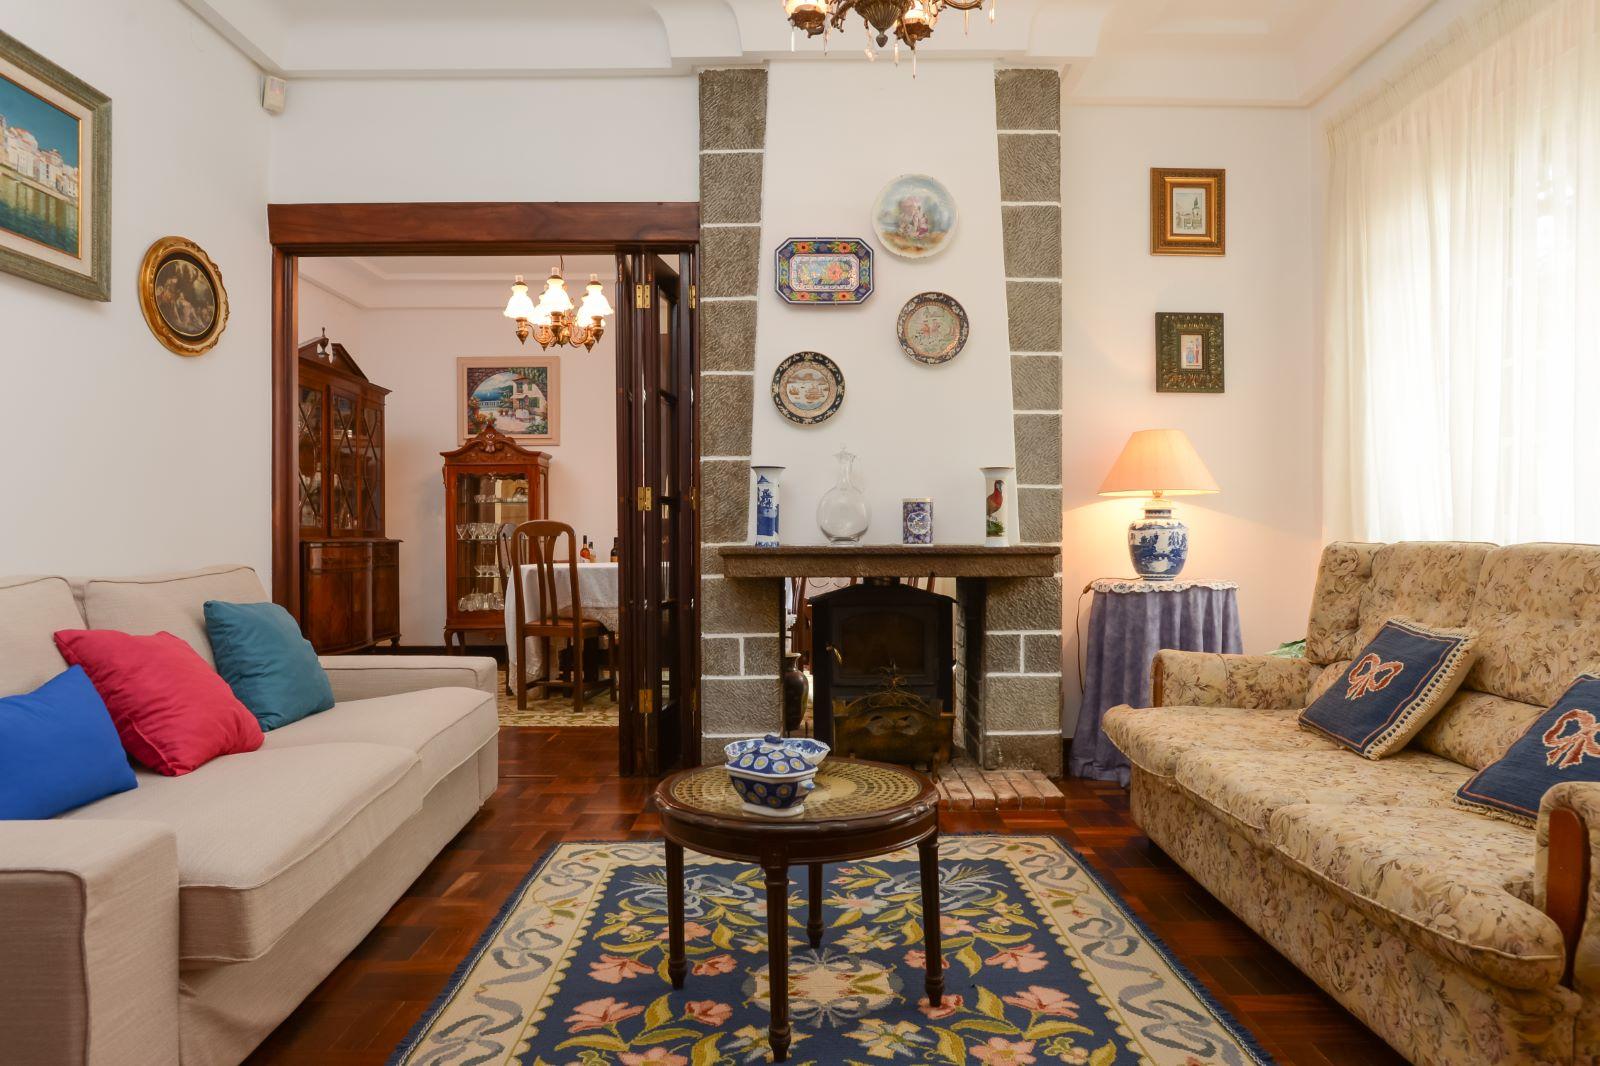 5-BEDROOM VILLA WITH GARDEN IN SANTO AMARO DE OEIRAS